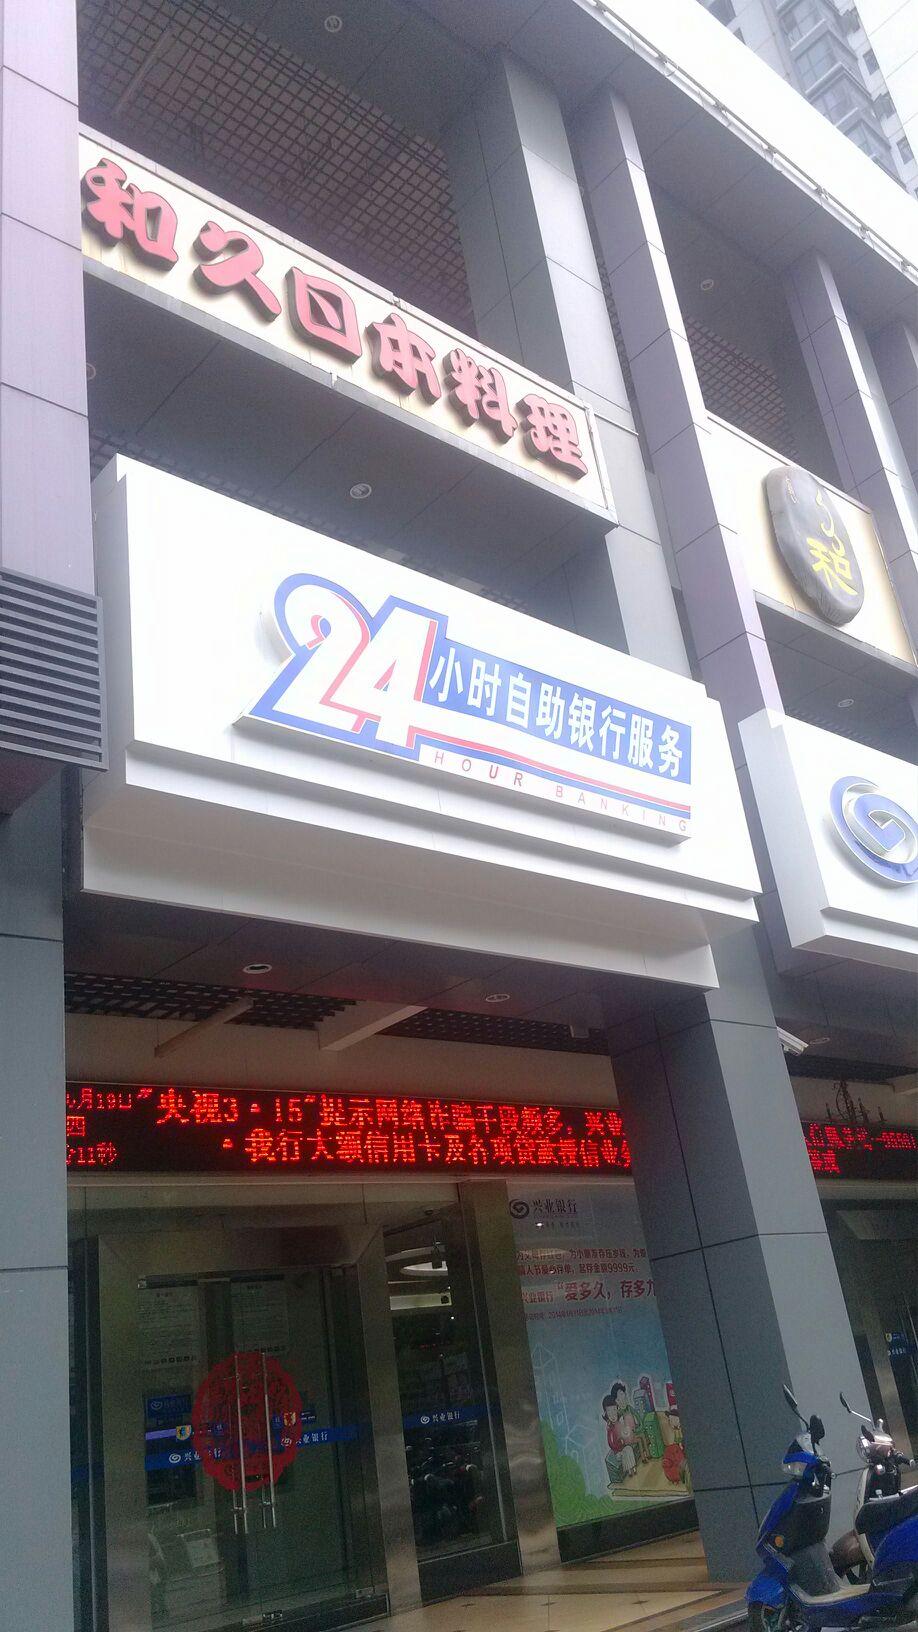 州支行_兴业银行24小时自助银行(南宁邕州支行)